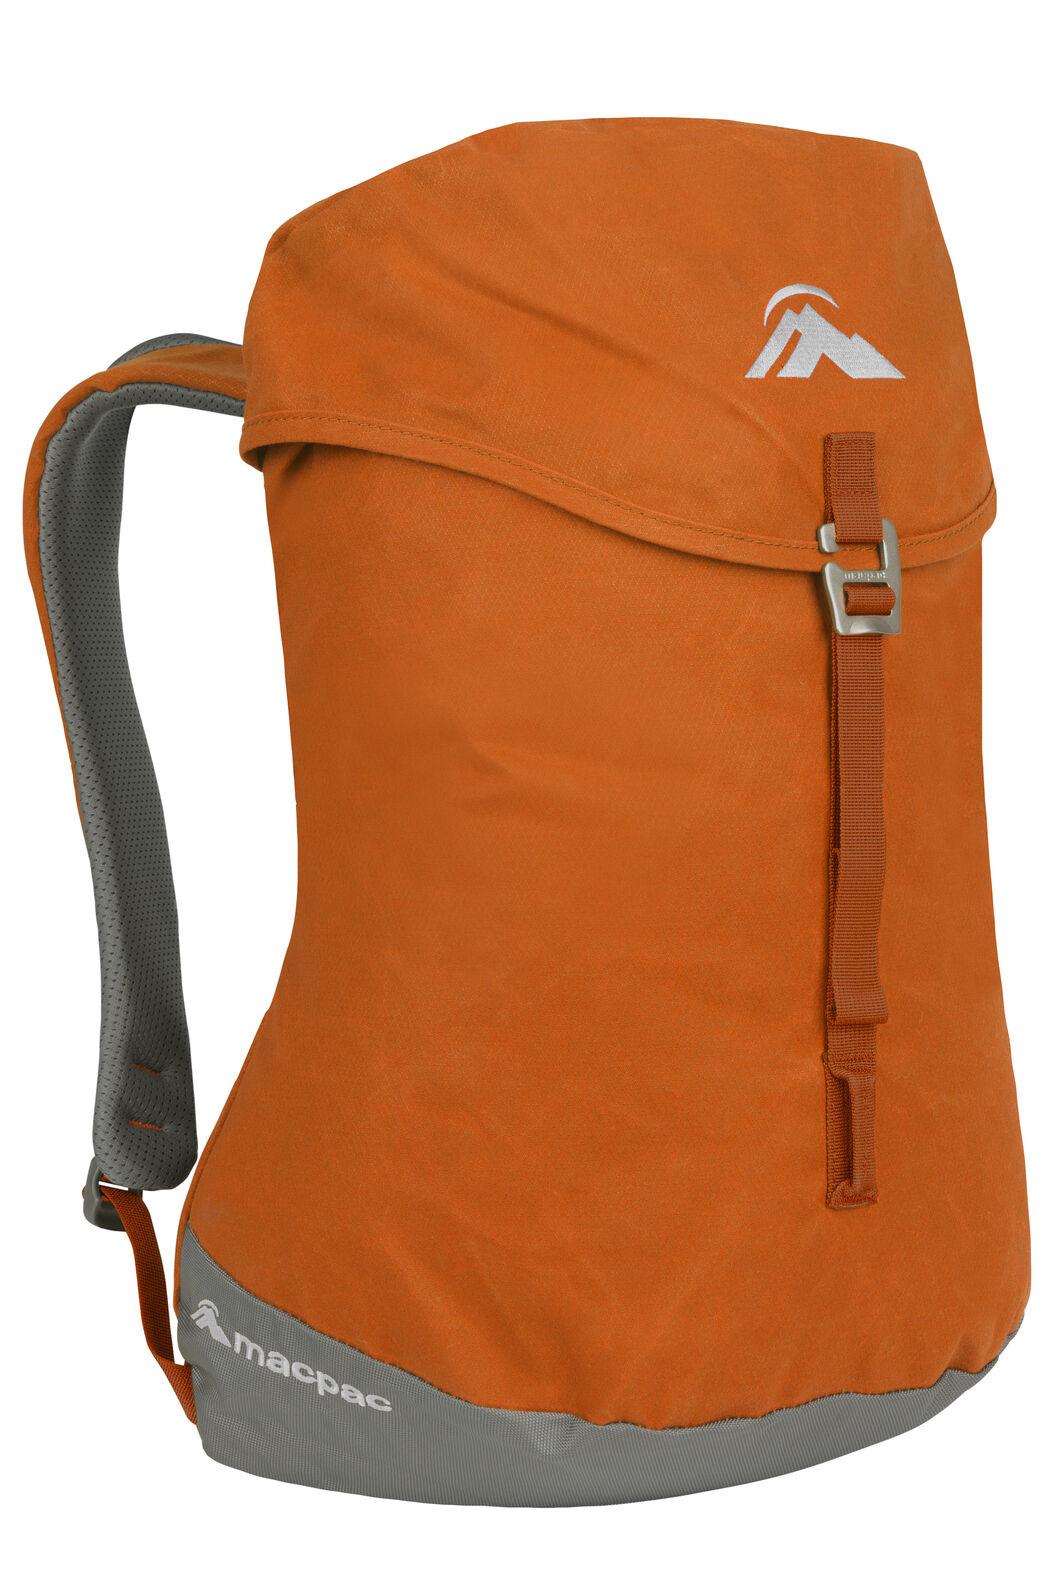 Macpac Packable Weka 20L AzTec® Pack, Marmalade, hi-res